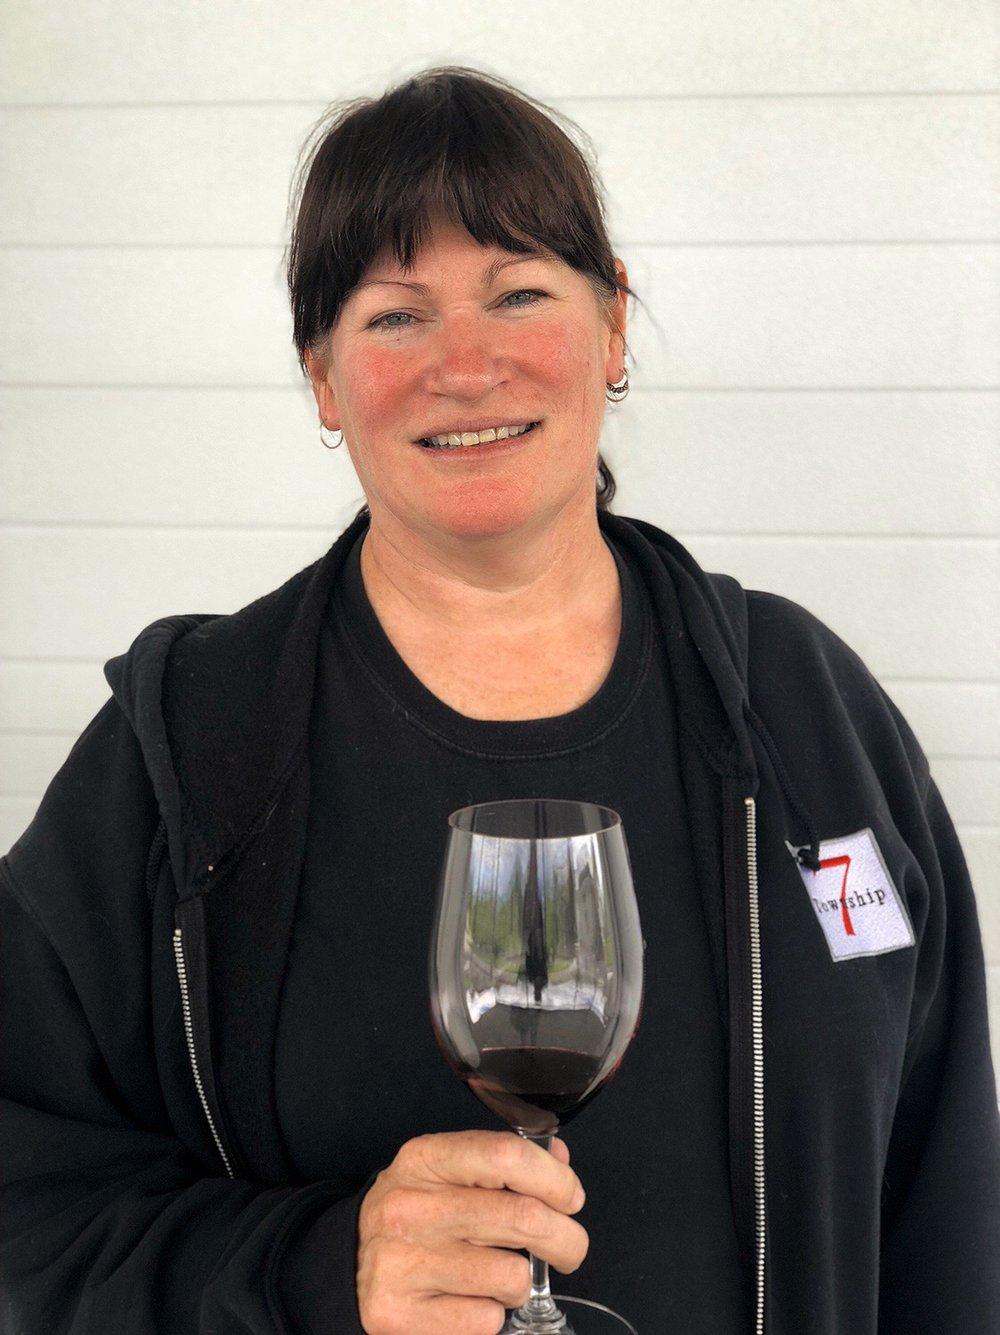 Mary McDermott, Township 7 Winery.